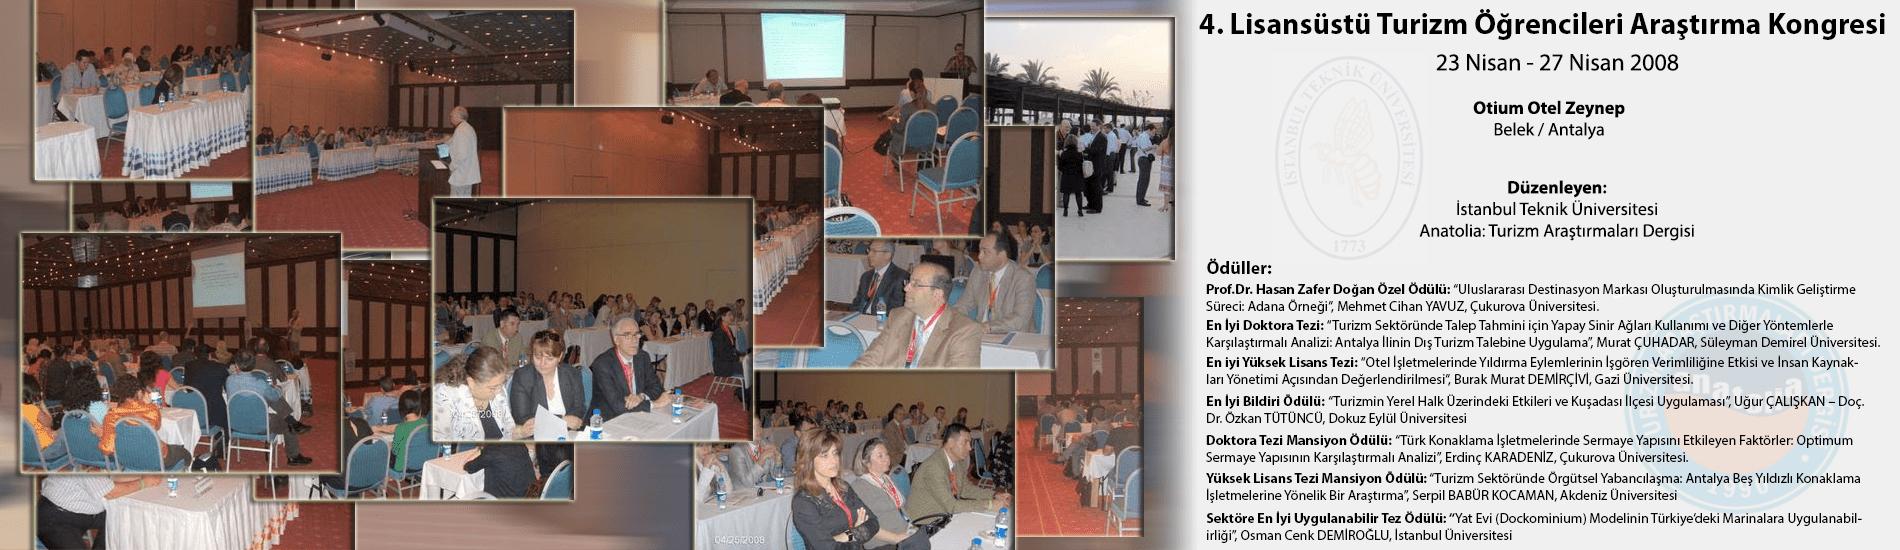 4. Lisansüstü Turizm Öğrencileri Araştırma Kongresi